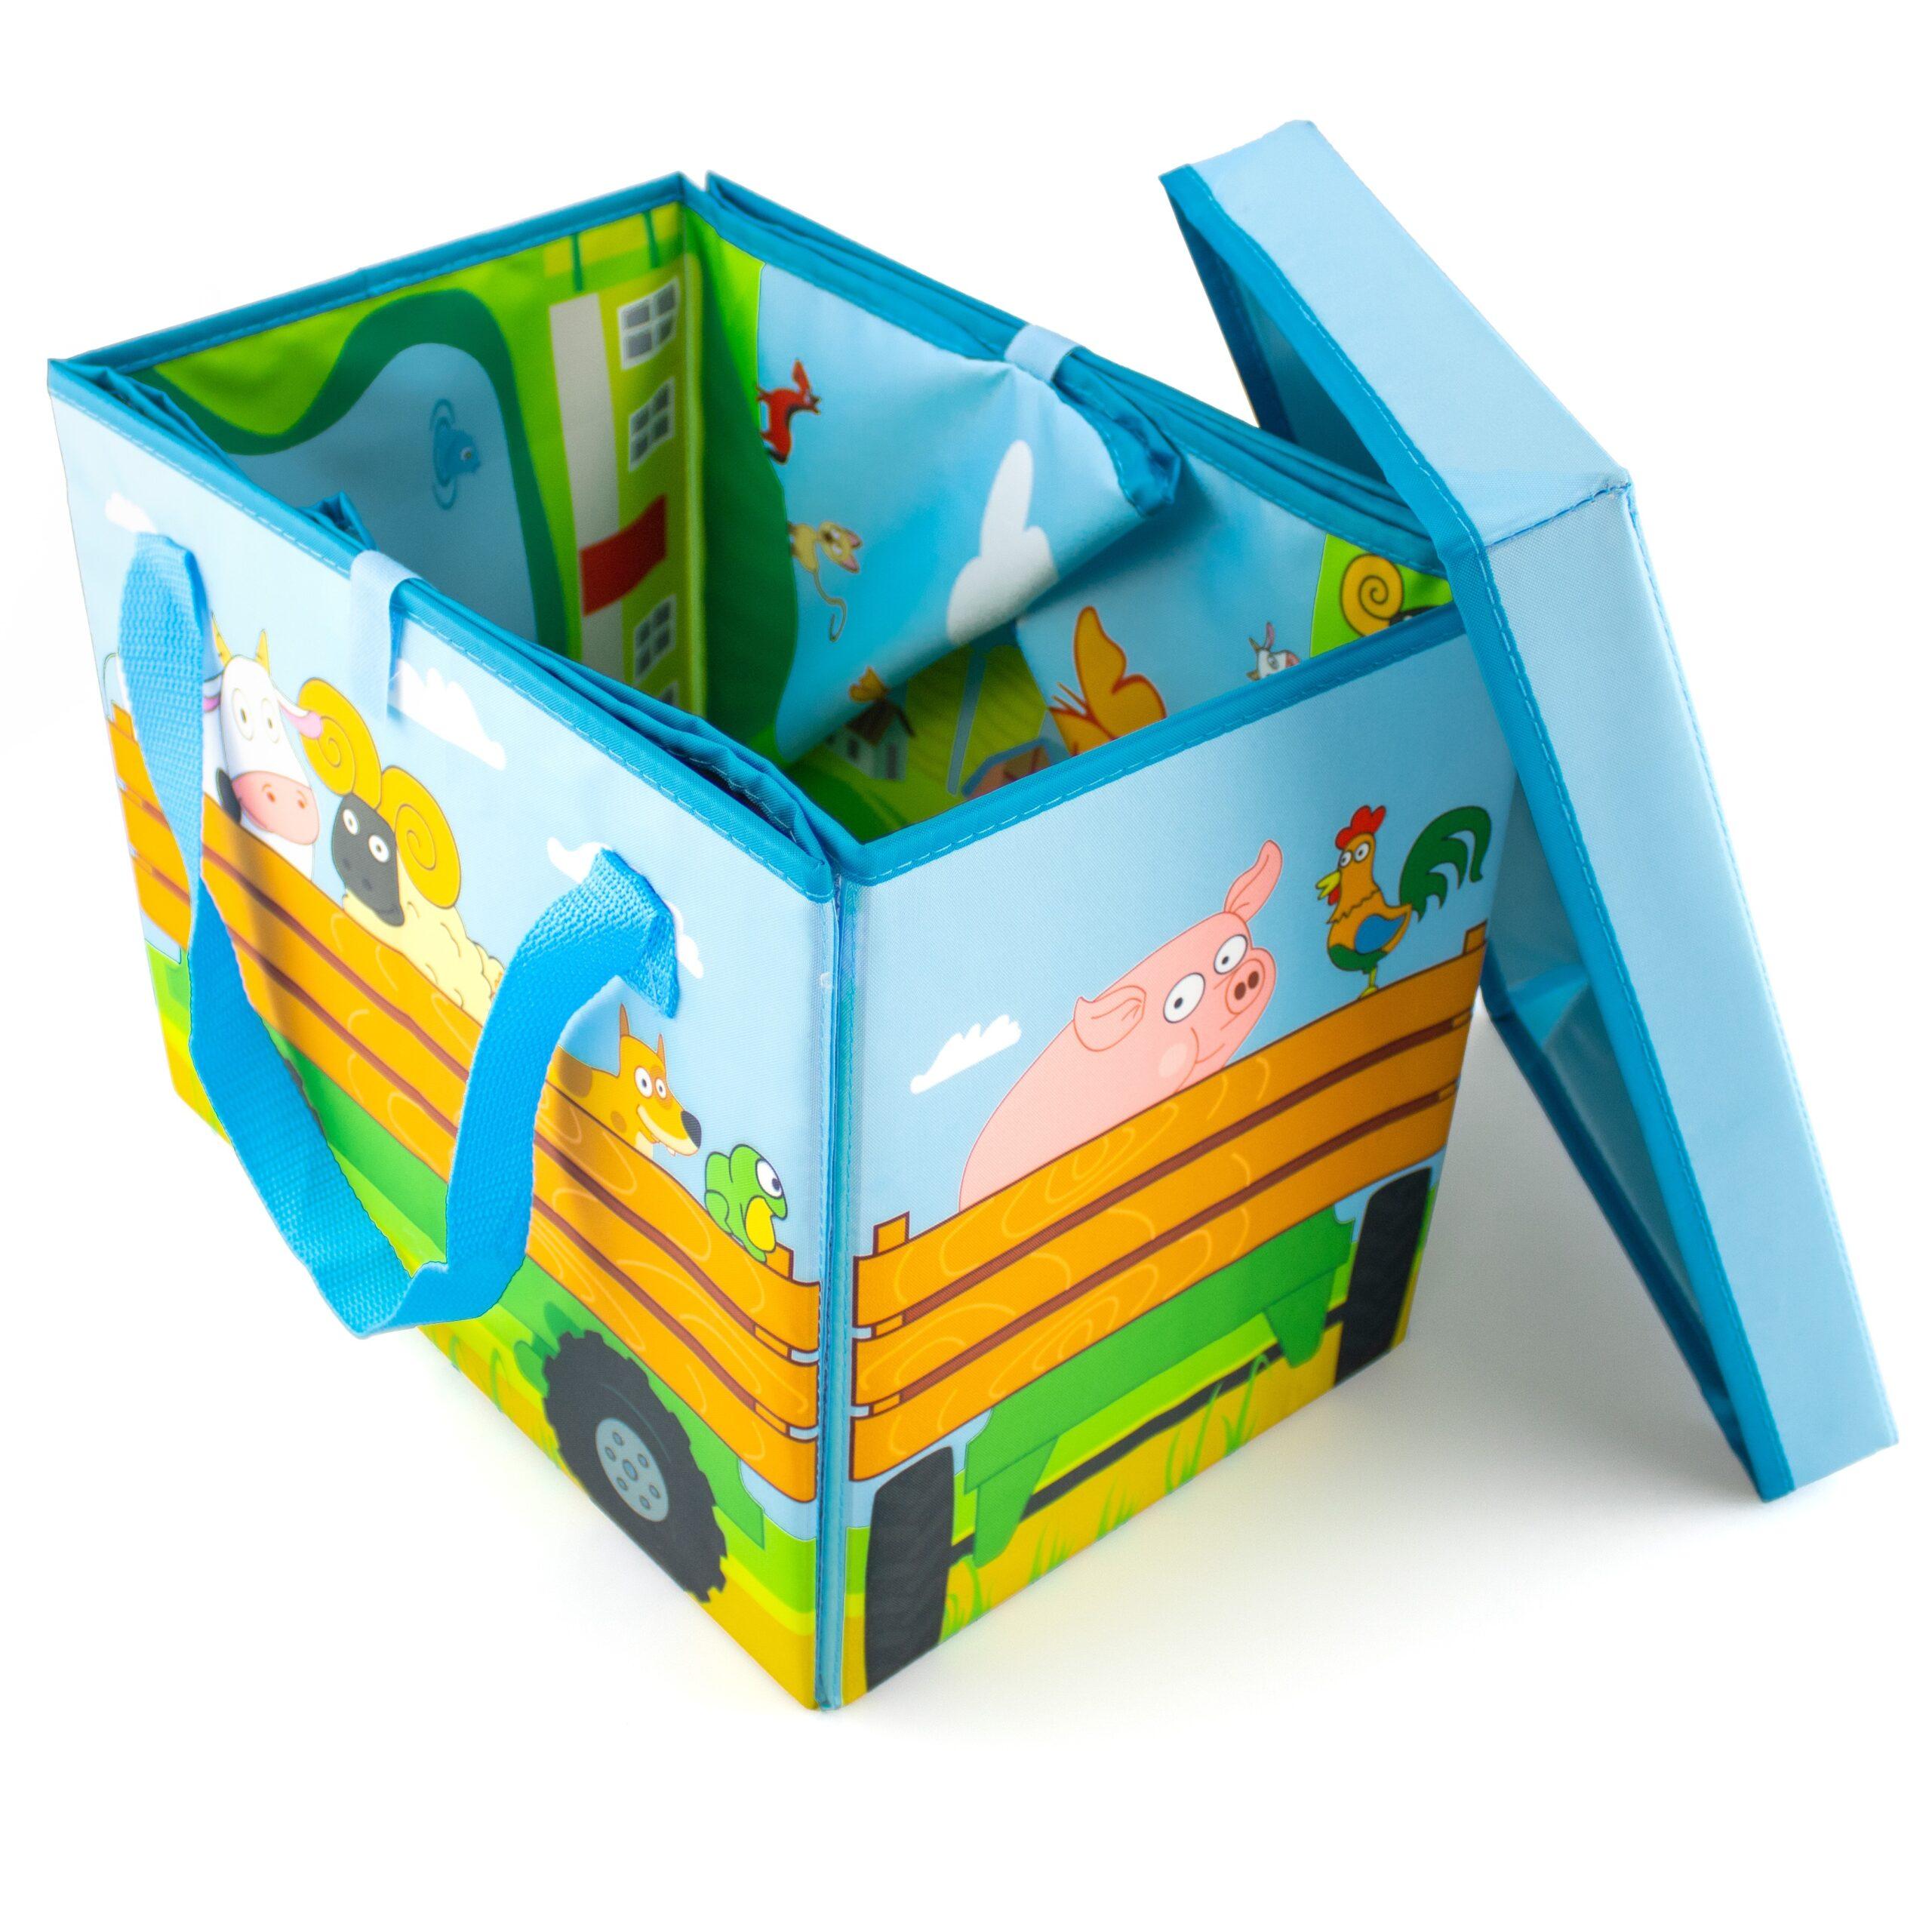 Контейнер для игрушек раскладной с игровым матом «Синий Трактор-прицеп»